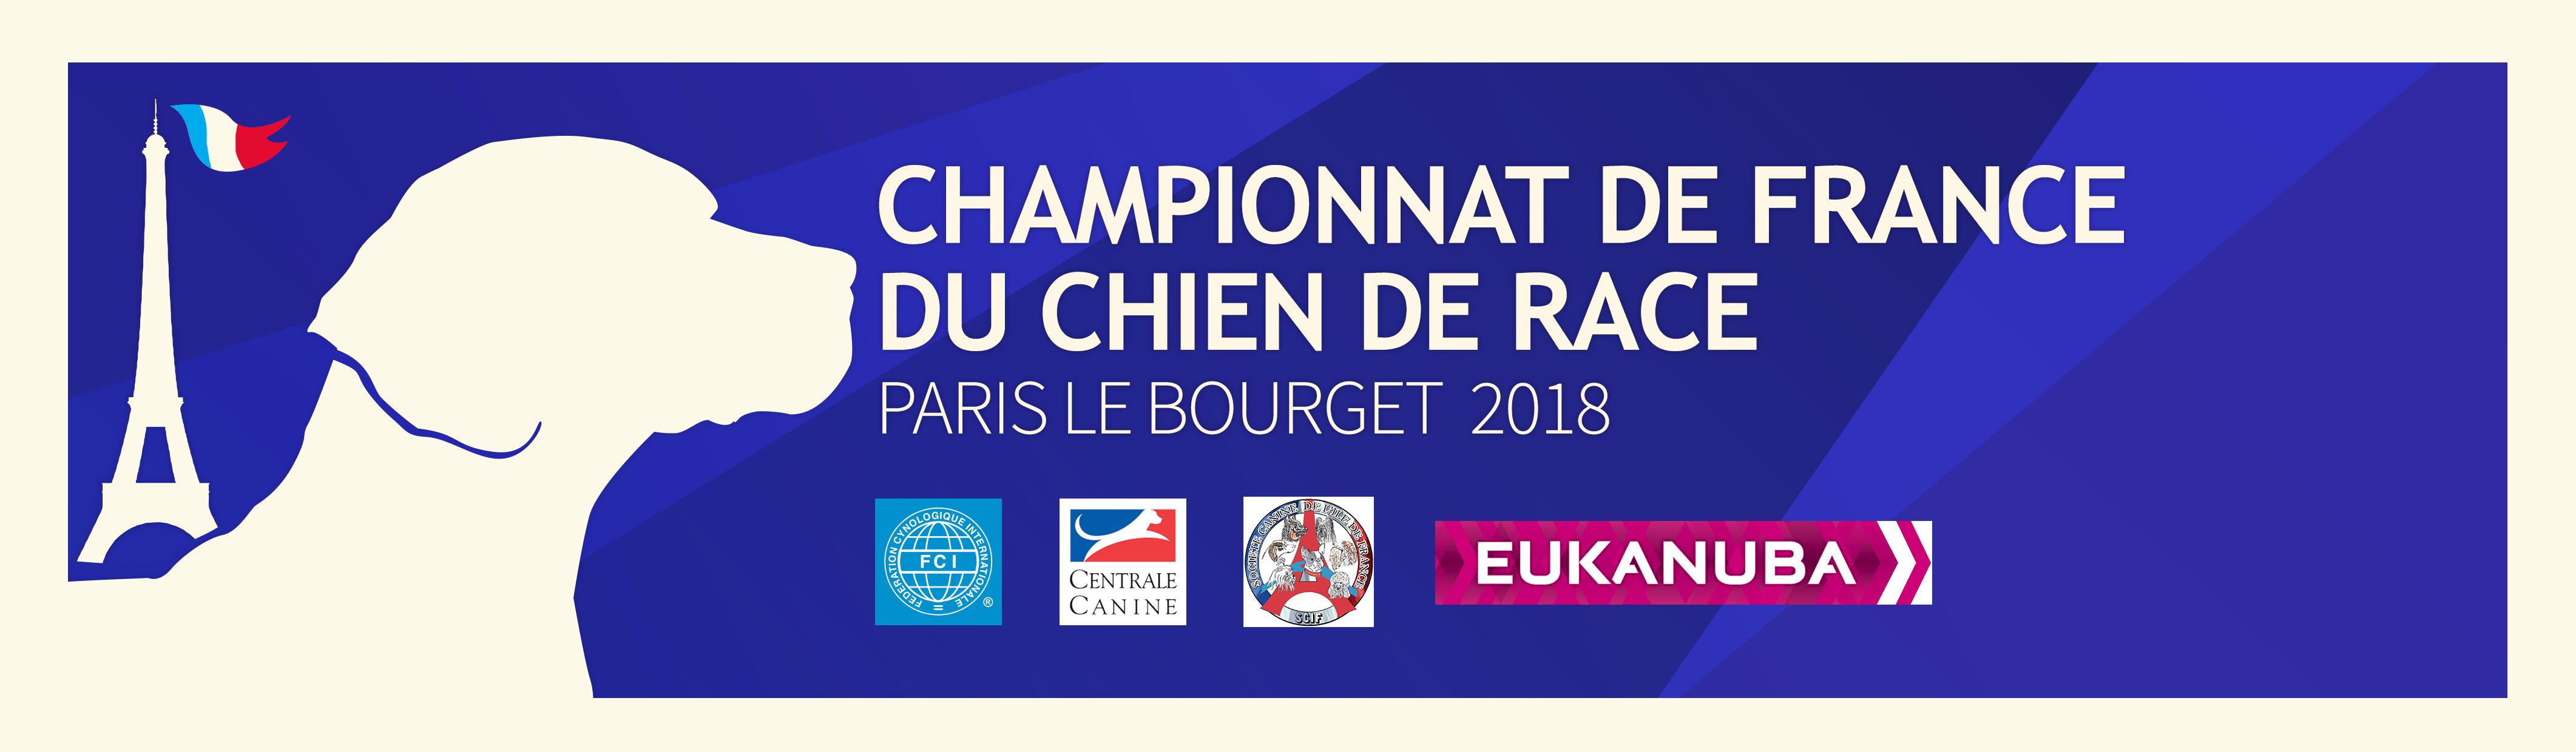 Championnat de France du chien de race